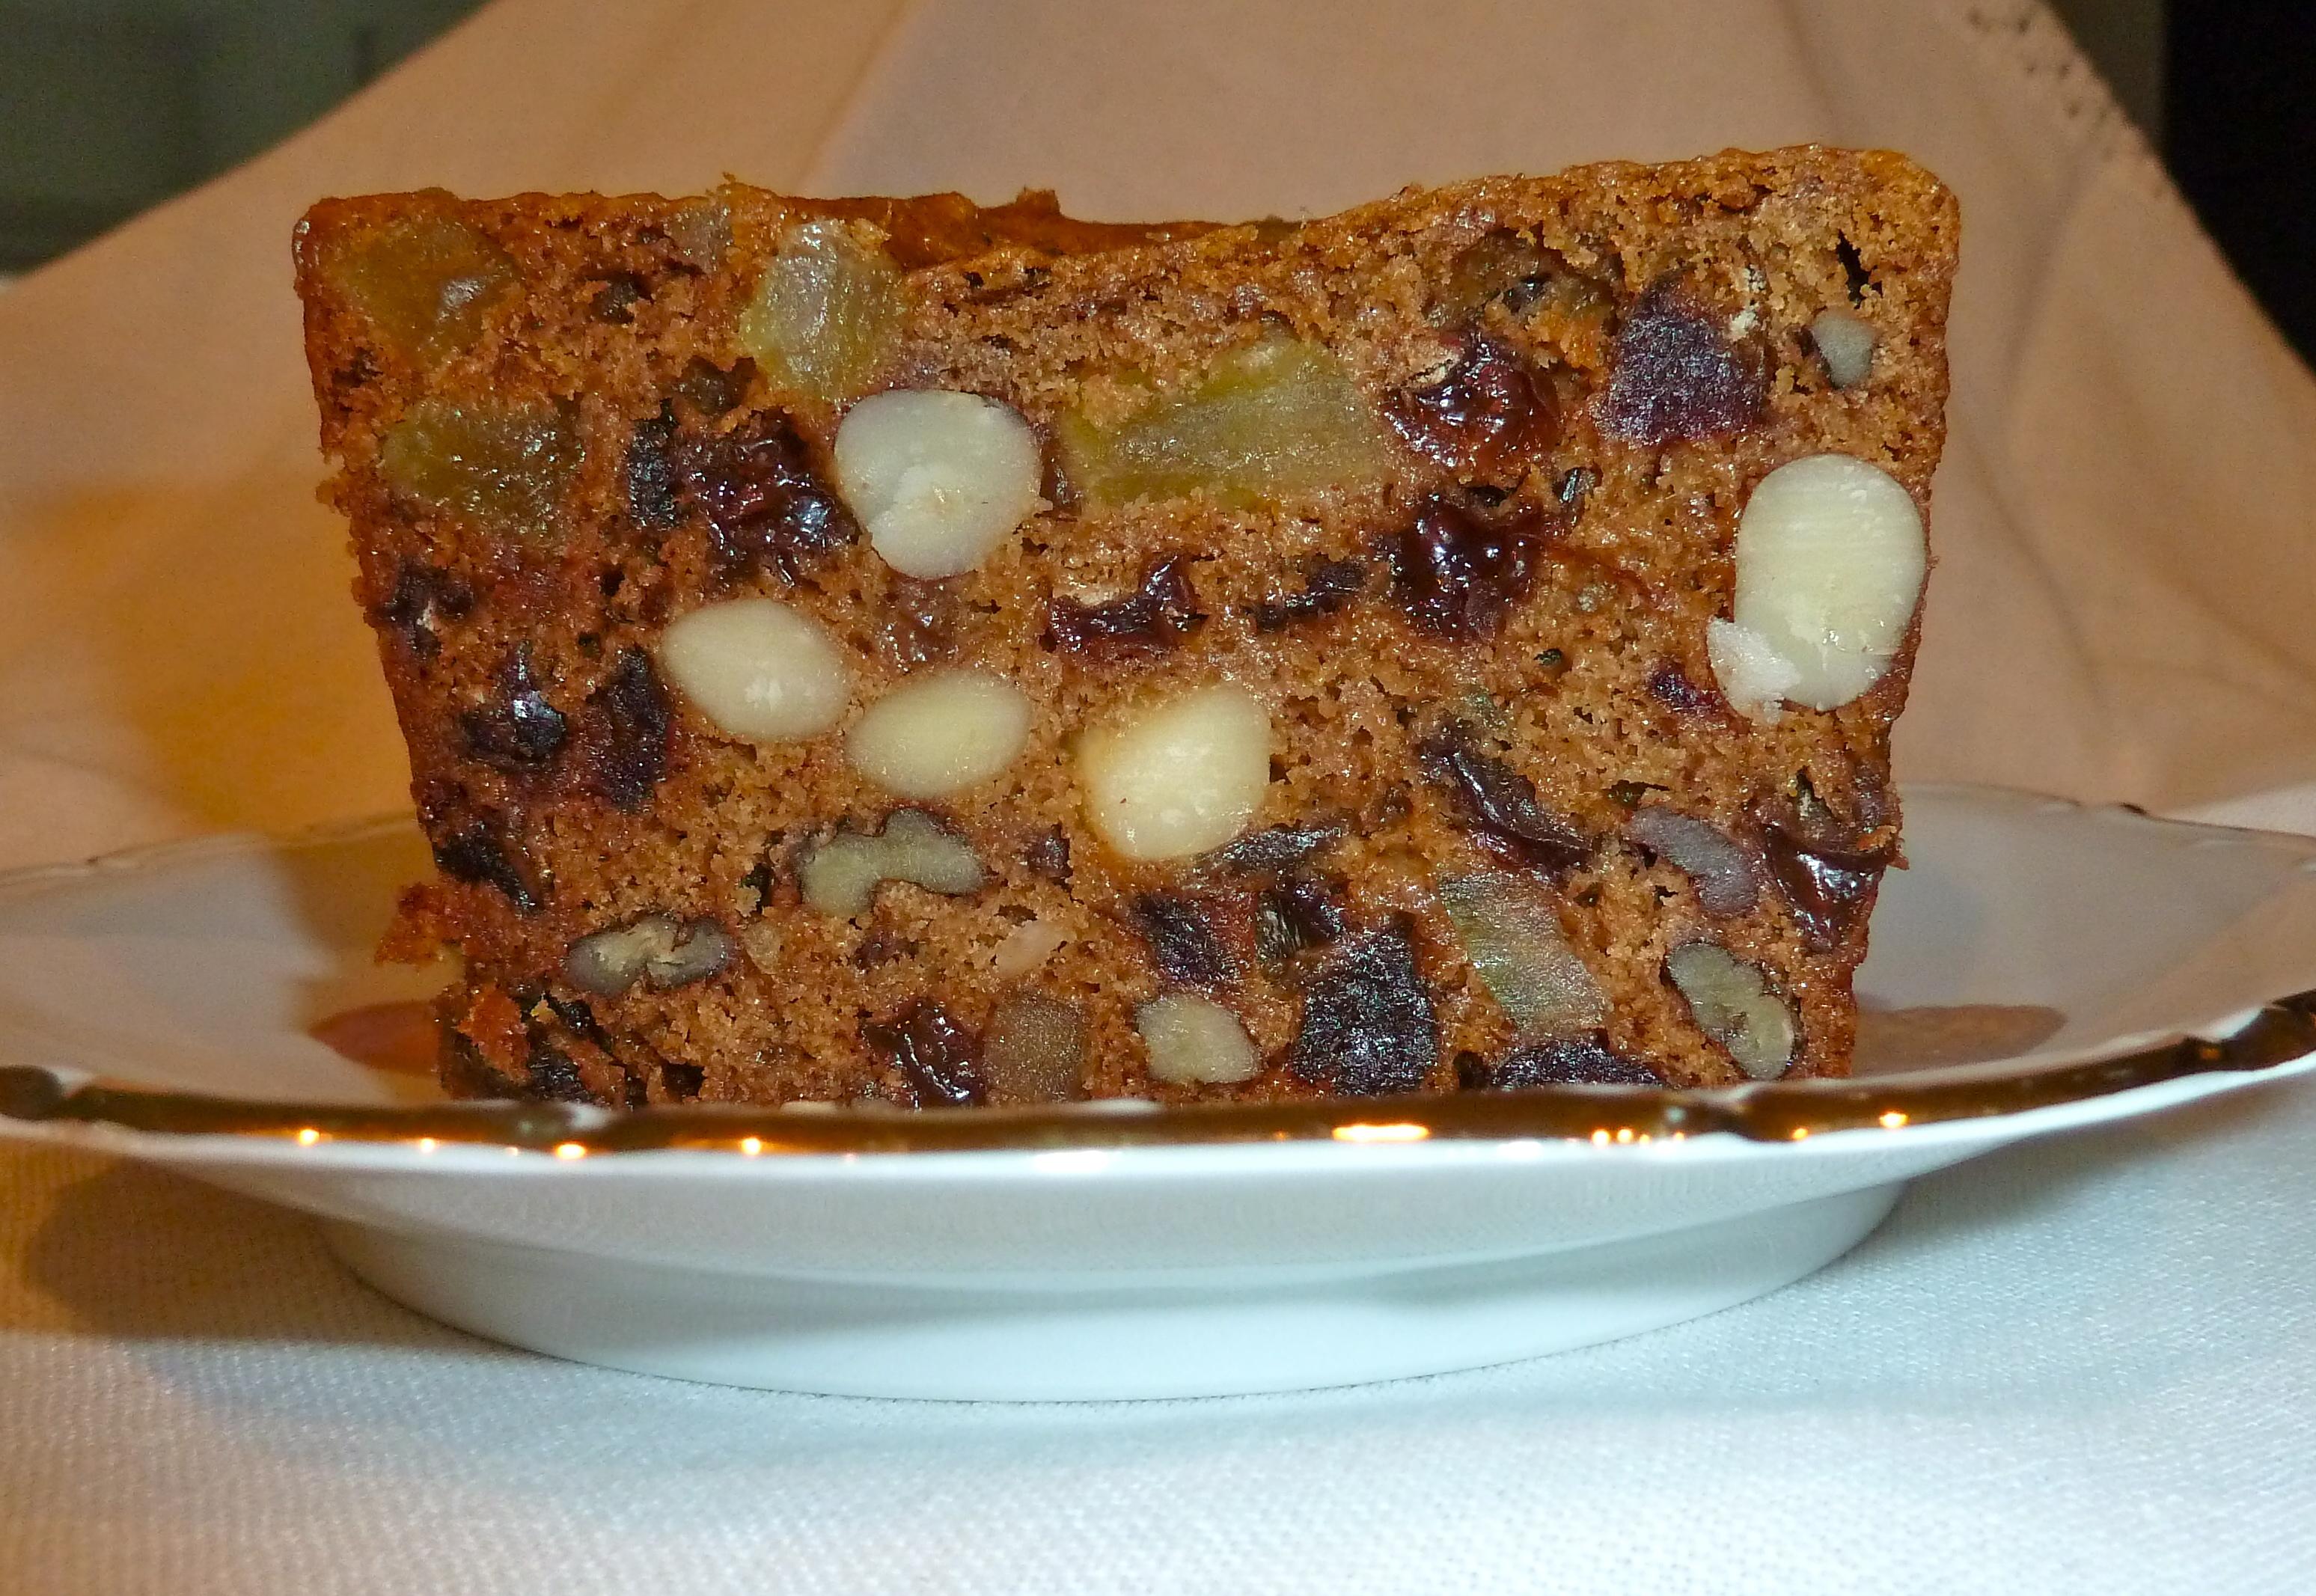 Applesauce Cake Recipe Using Loaf Pans